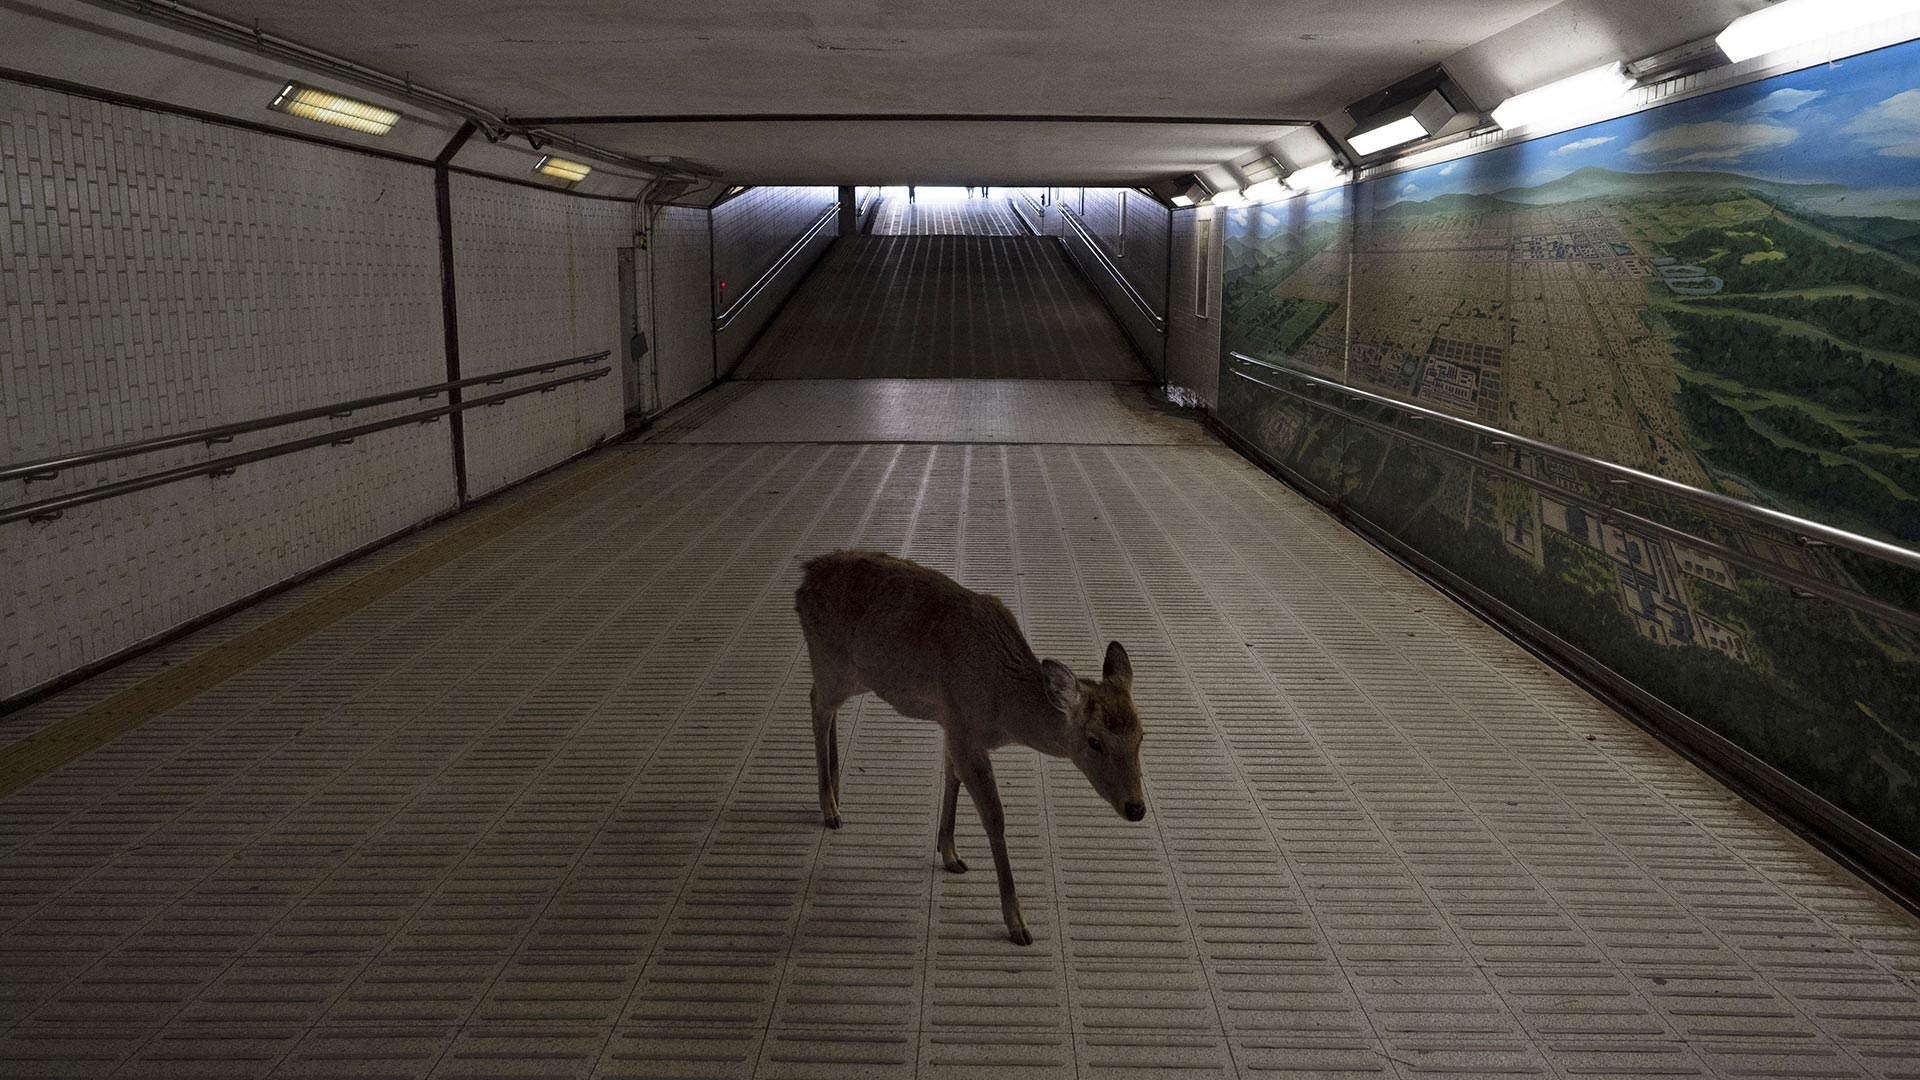 Corona: Hirsch in der Ubahn Tokio